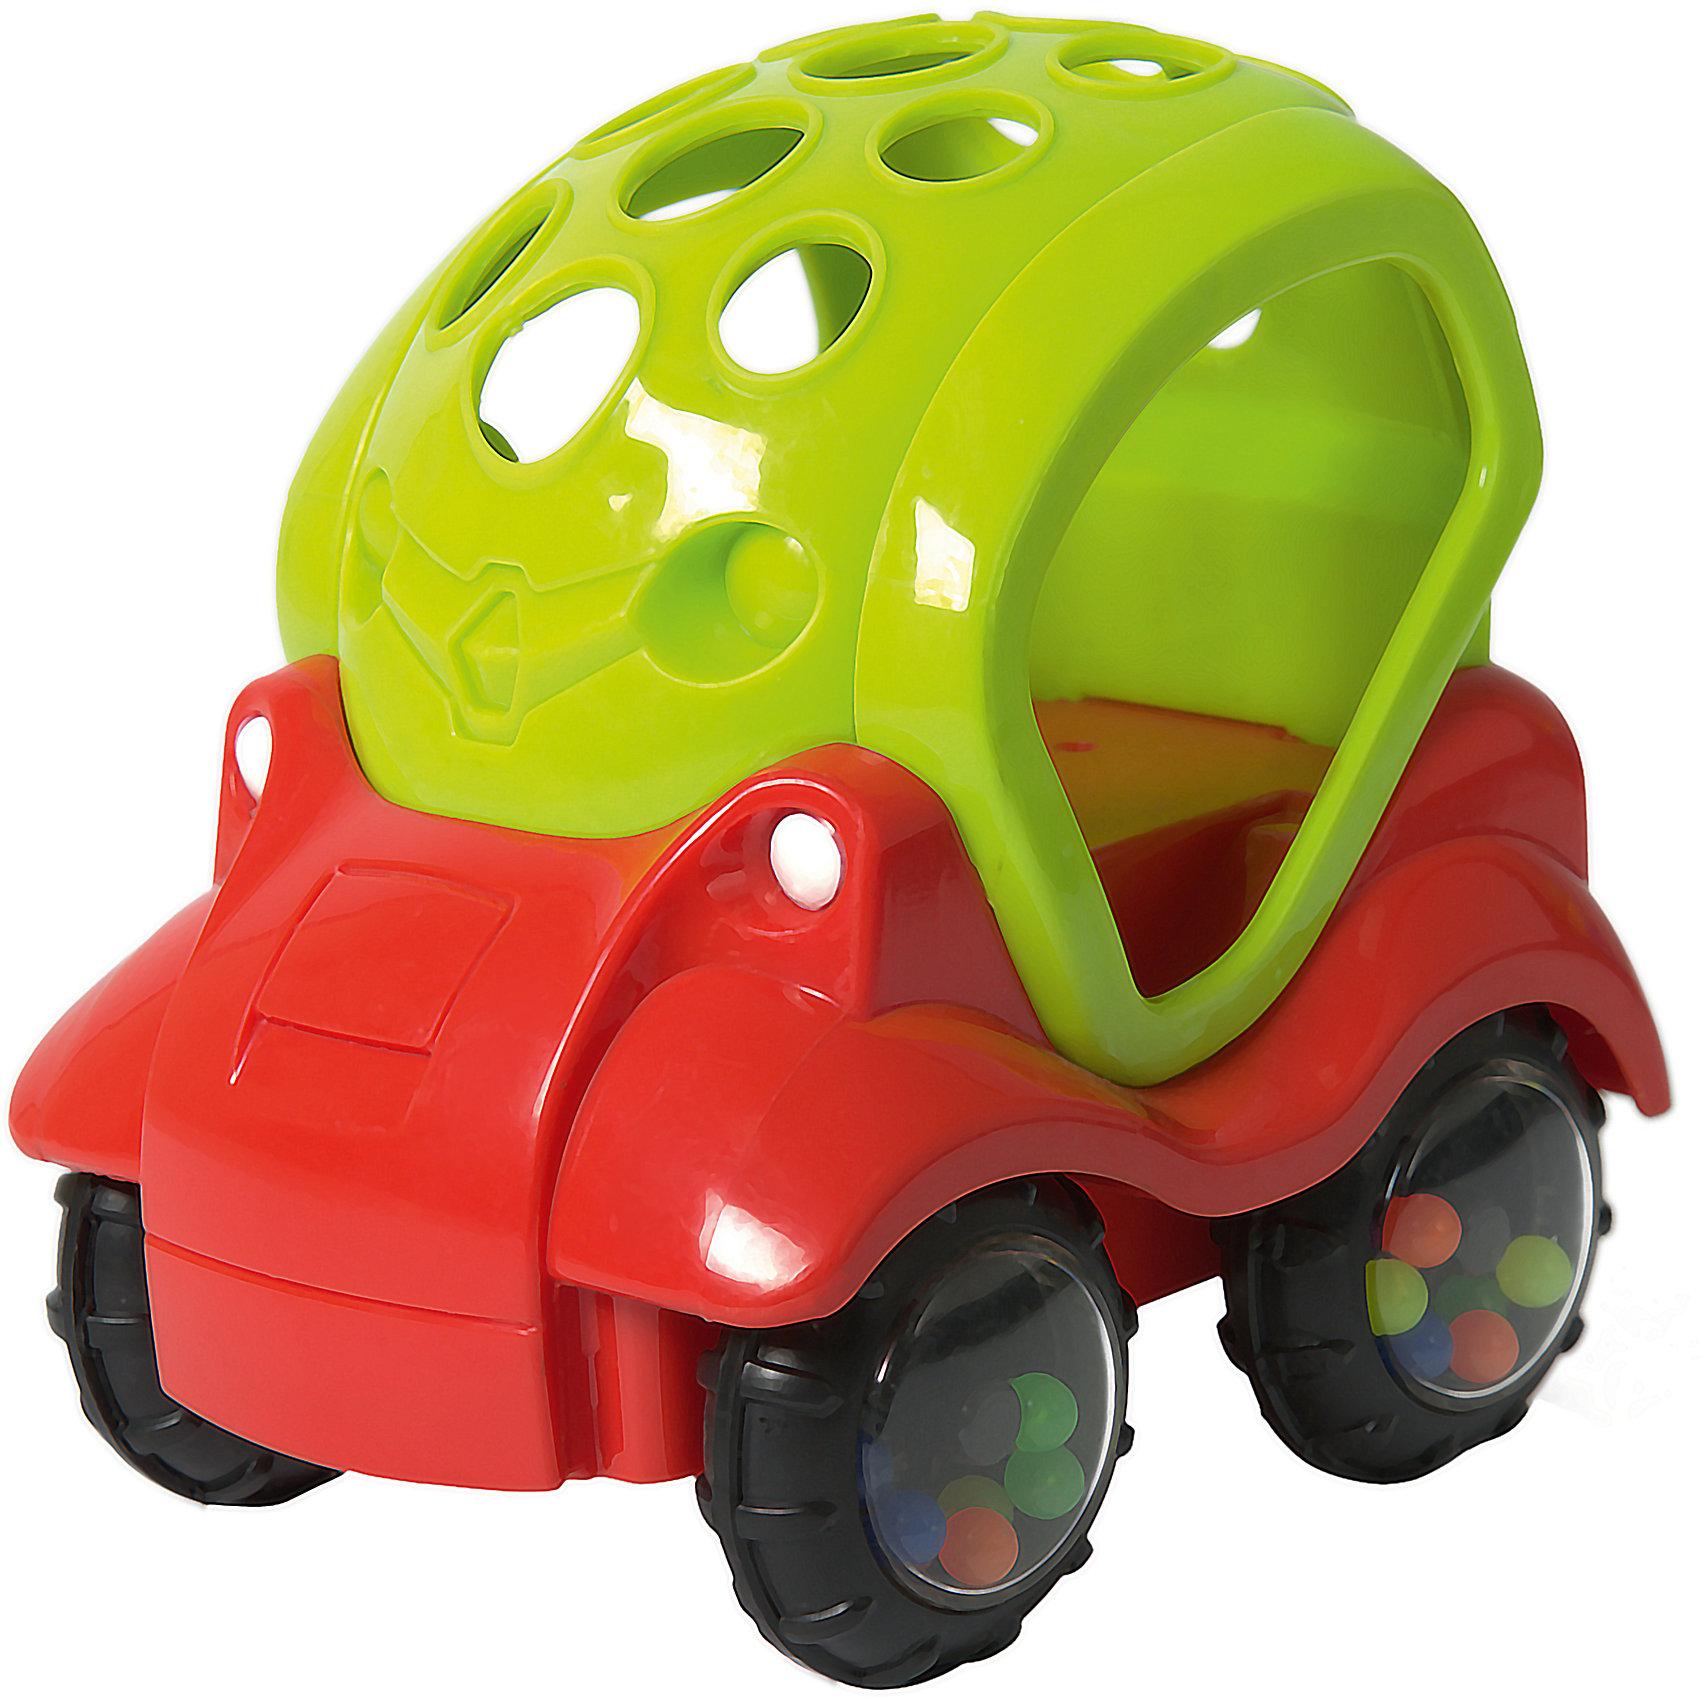 Машинка-неразбивайка Baby Trend, зелено-краснаяМашинки и транспорт для малышей<br>Характеристики:<br><br>• возраст: от 3 месяцев<br>• материал: мягкий гибкий пластик<br>• машинка-погремушка<br>• размер упаковки: 11,9х12,2х9,7 см.<br>• вес: 153 гр.<br><br>Яркая машинка-неразбивайка от Baby Trend (Беби Тренд) – это первая машина малыша. Она изготовлена из мягкого гибкого высококачественного пластика. Машинка не имеет острых и опасных выступов. Благодаря уникальной форме ее удобно держать маленькими пальчиками.<br><br>В колесах машинки под прозрачными дисками находятся цветные шарики, которые задорно гремят при движении машинки или при встряхивании игрушки. Мягкие рельефные детали крыши можно кусать, они успокоят нежные десна малыша.<br><br>Машинку-неразбивайку, зелено-красную, Baby Trend (Беби Тренд) можно купить в нашем интернет-магазине.<br><br>Ширина мм: 119<br>Глубина мм: 122<br>Высота мм: 97<br>Вес г: 153<br>Возраст от месяцев: 3<br>Возраст до месяцев: 2147483647<br>Пол: Мужской<br>Возраст: Детский<br>SKU: 6872162